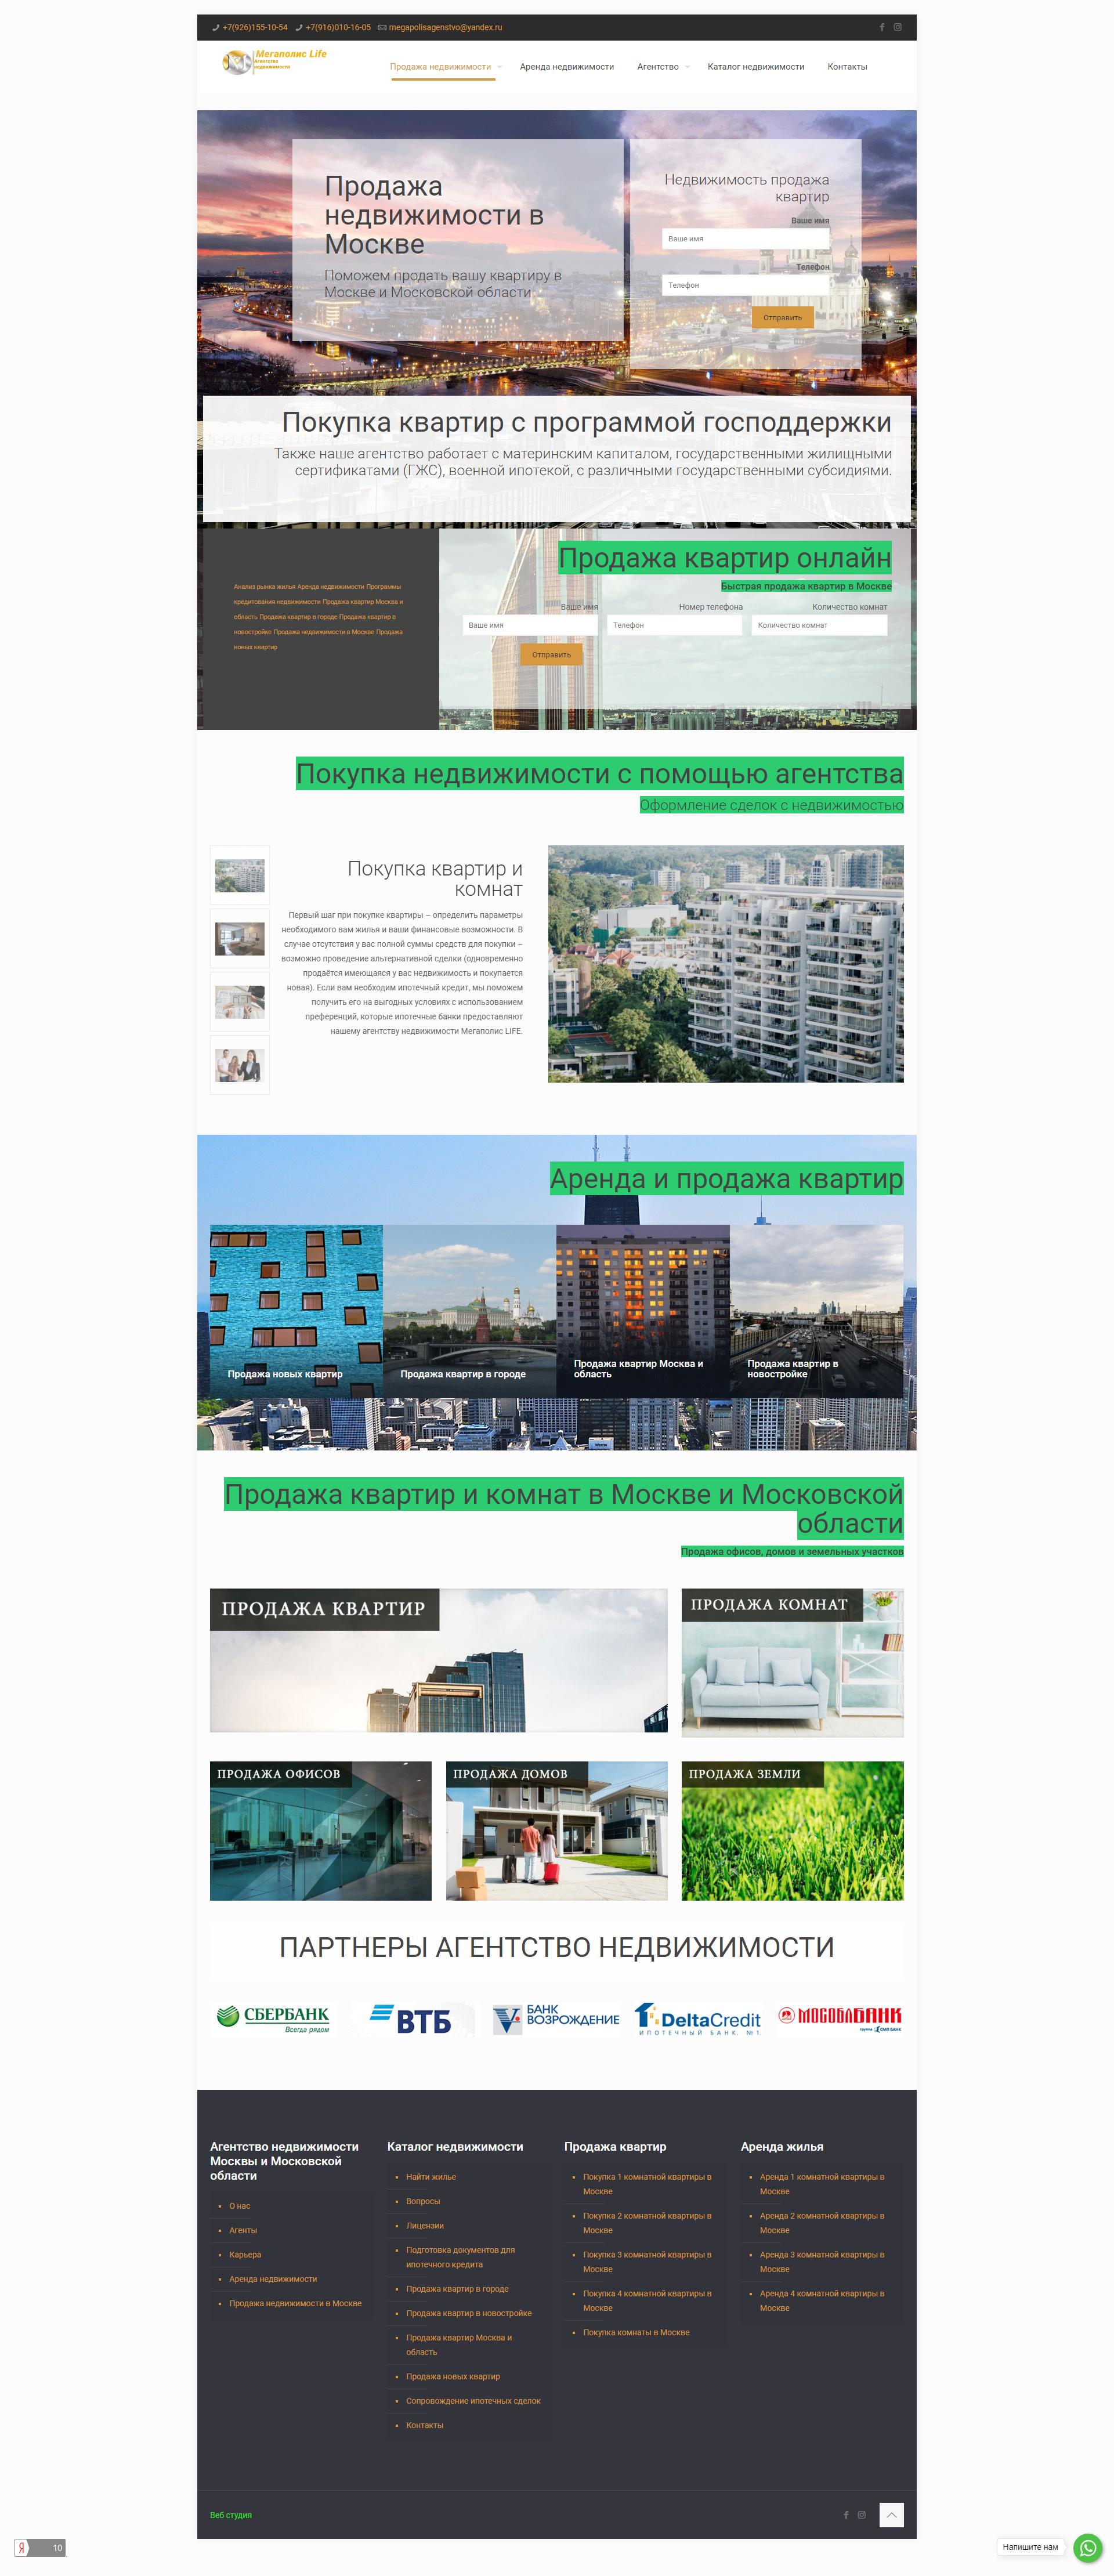 screencapture-ml-estate-ru-2020-03-28-09_45_26